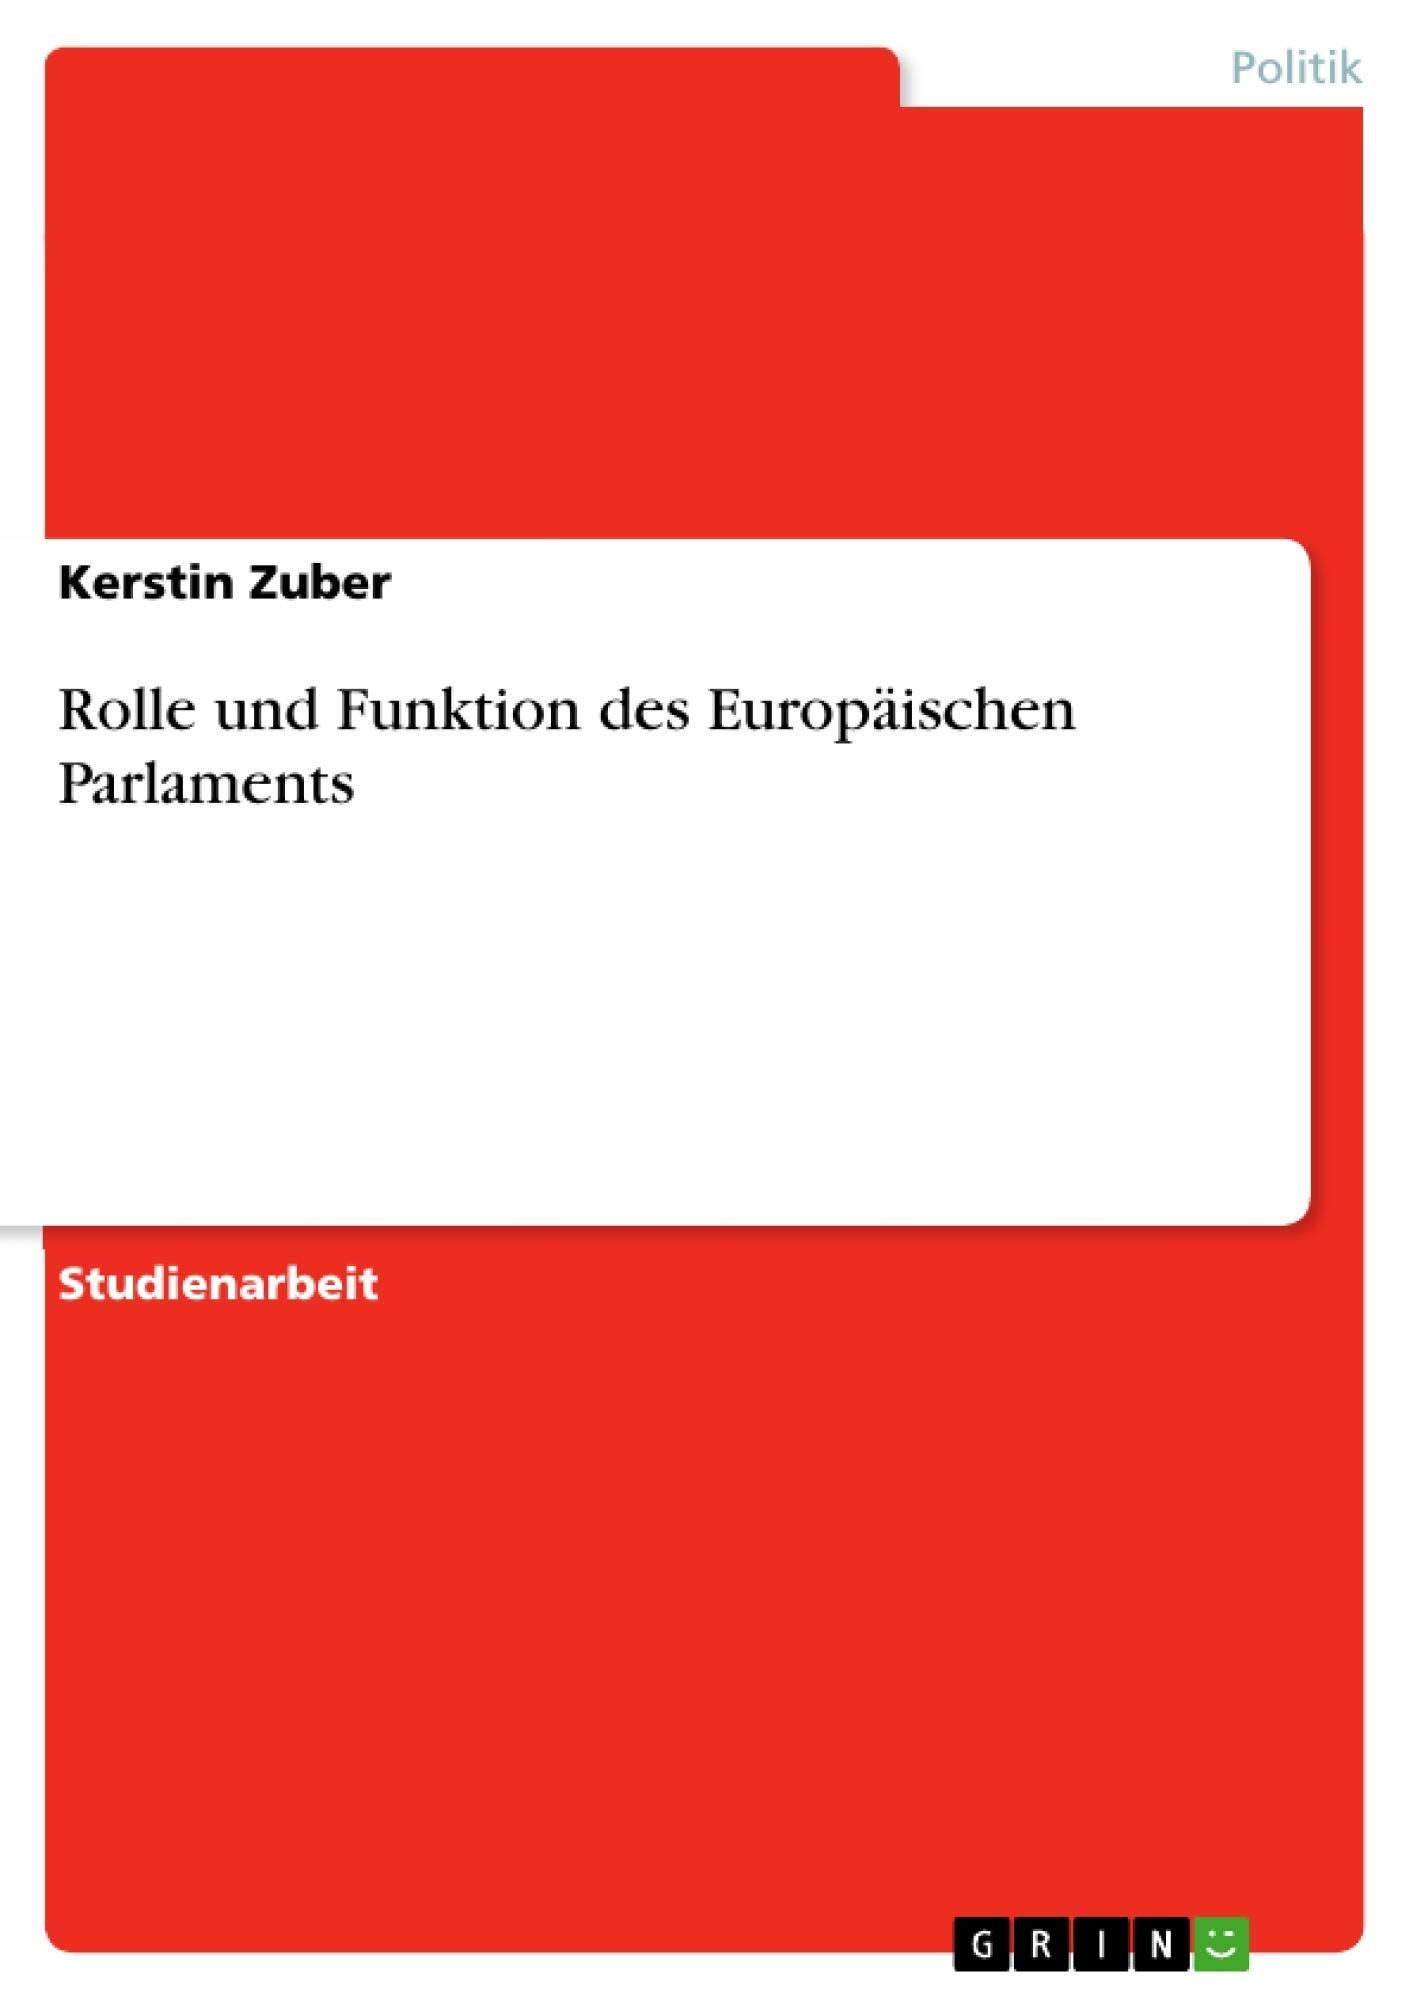 Titel: Rolle und Funktion des Europäischen Parlaments